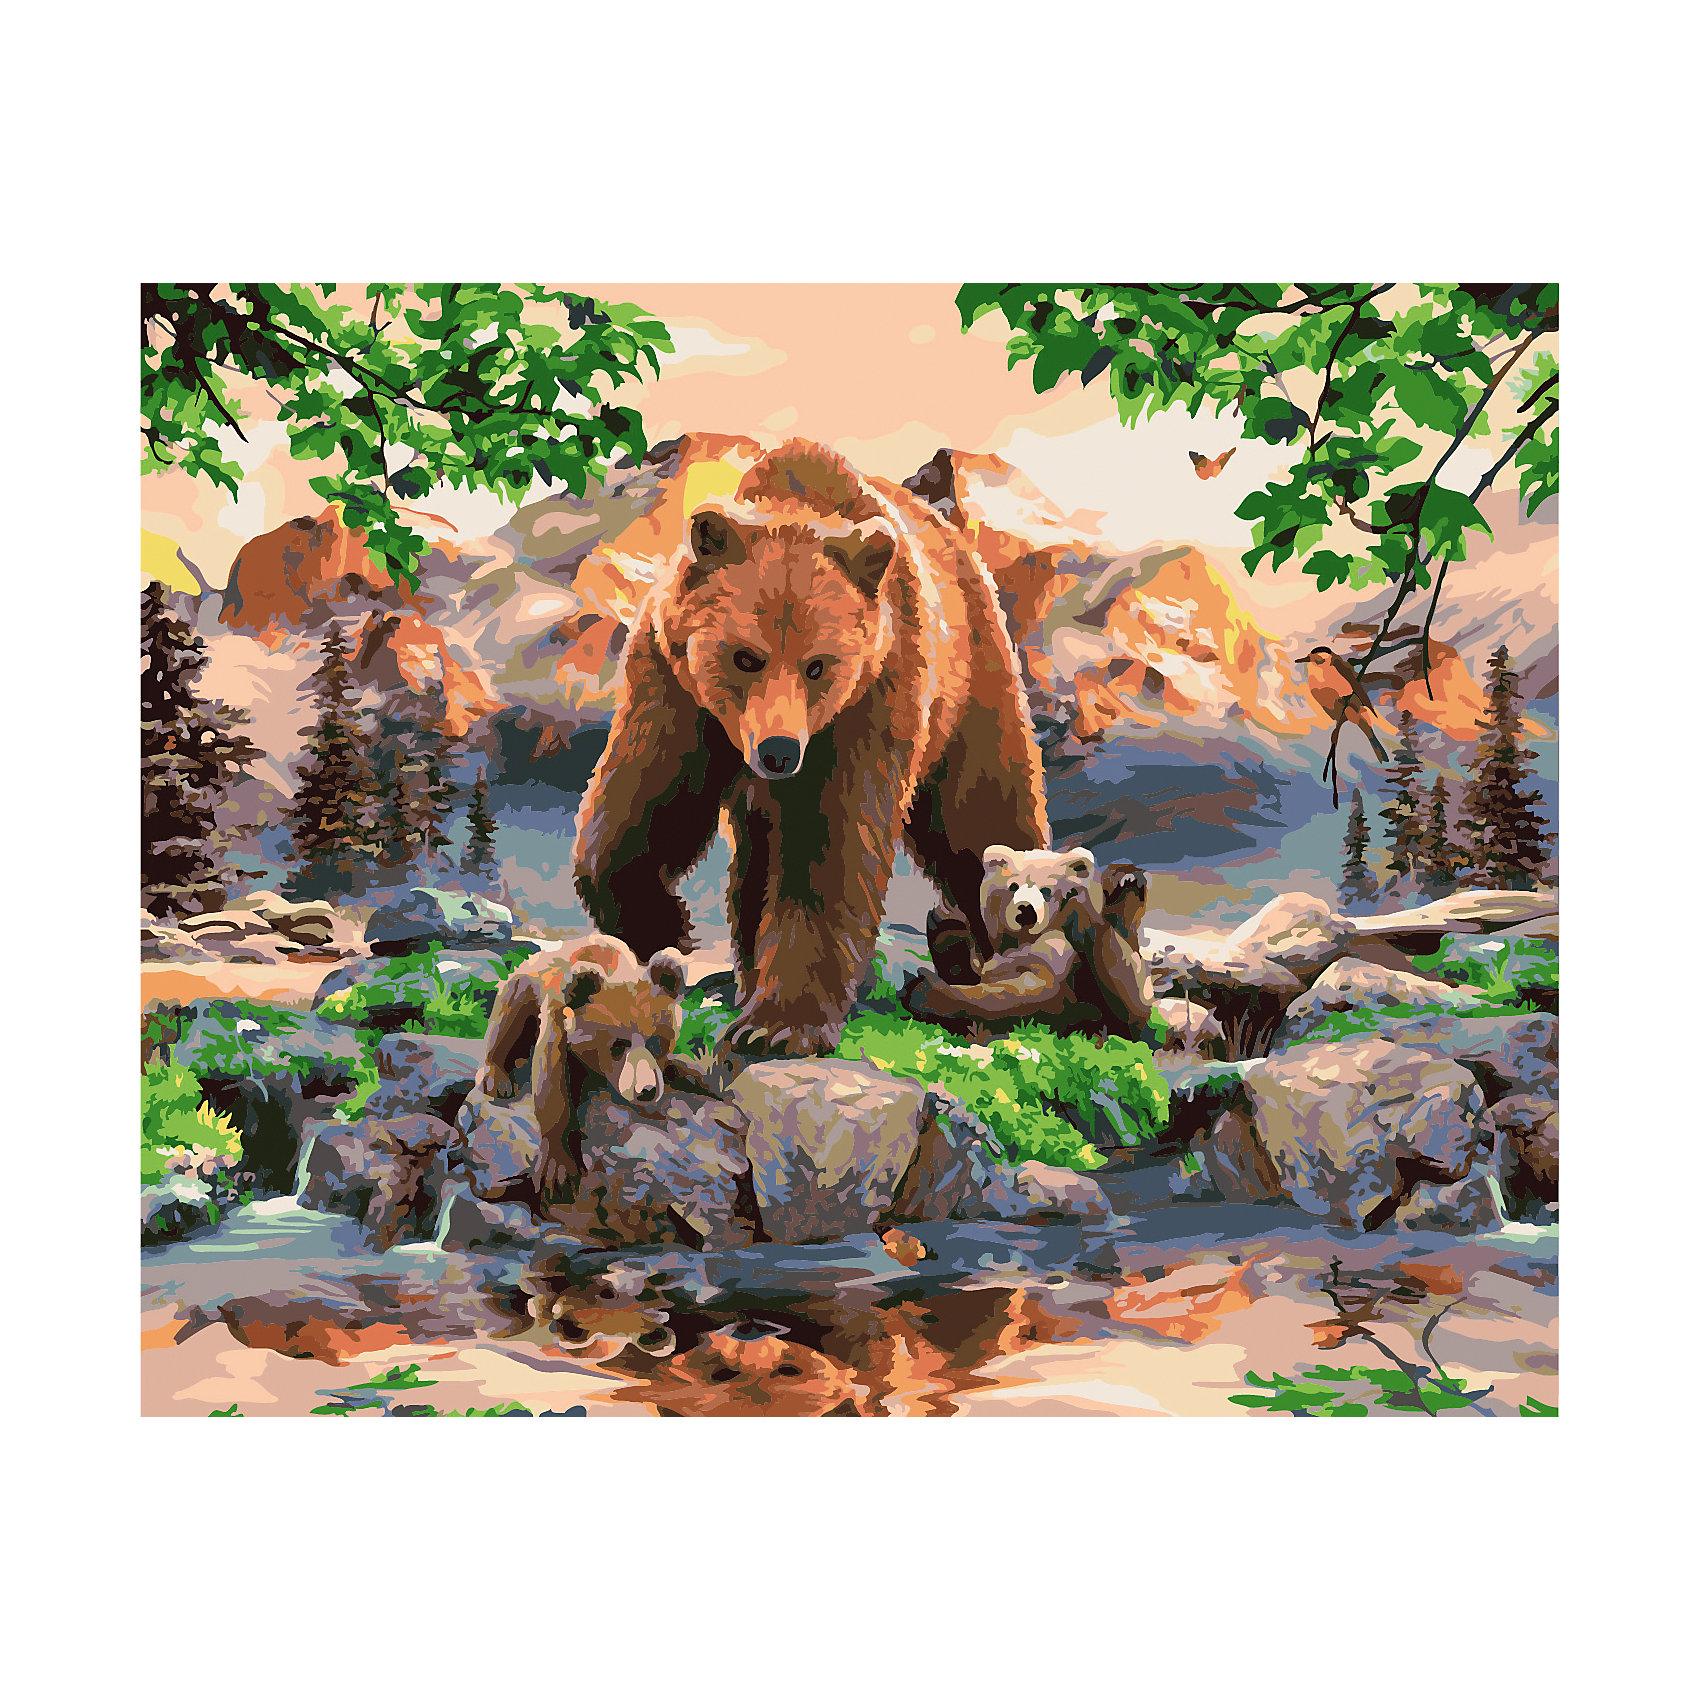 TUKZAR Роспись по номерам Медведь 40*50 см наборы для рисования цветной картины по номерам бурый медведь